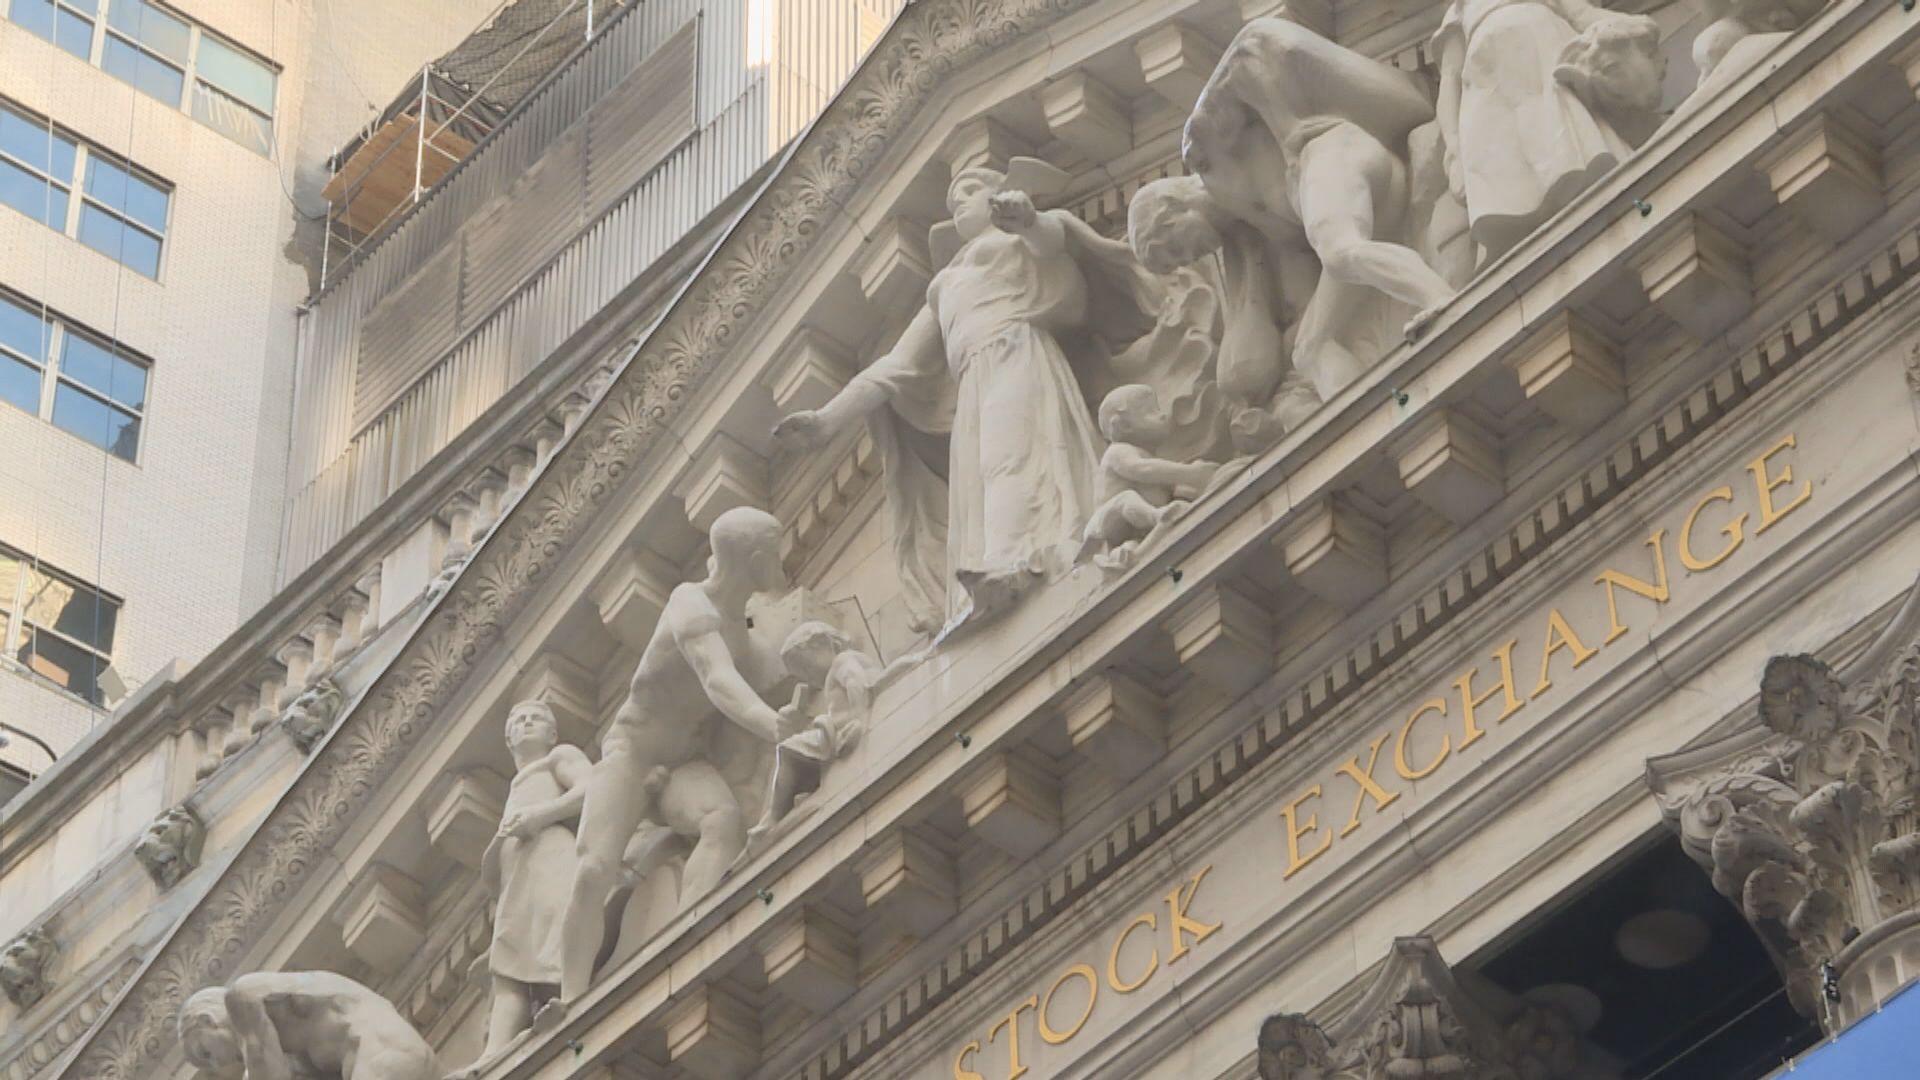 多間金融機構均有制裁政策 限制或禁止遭制裁者交易